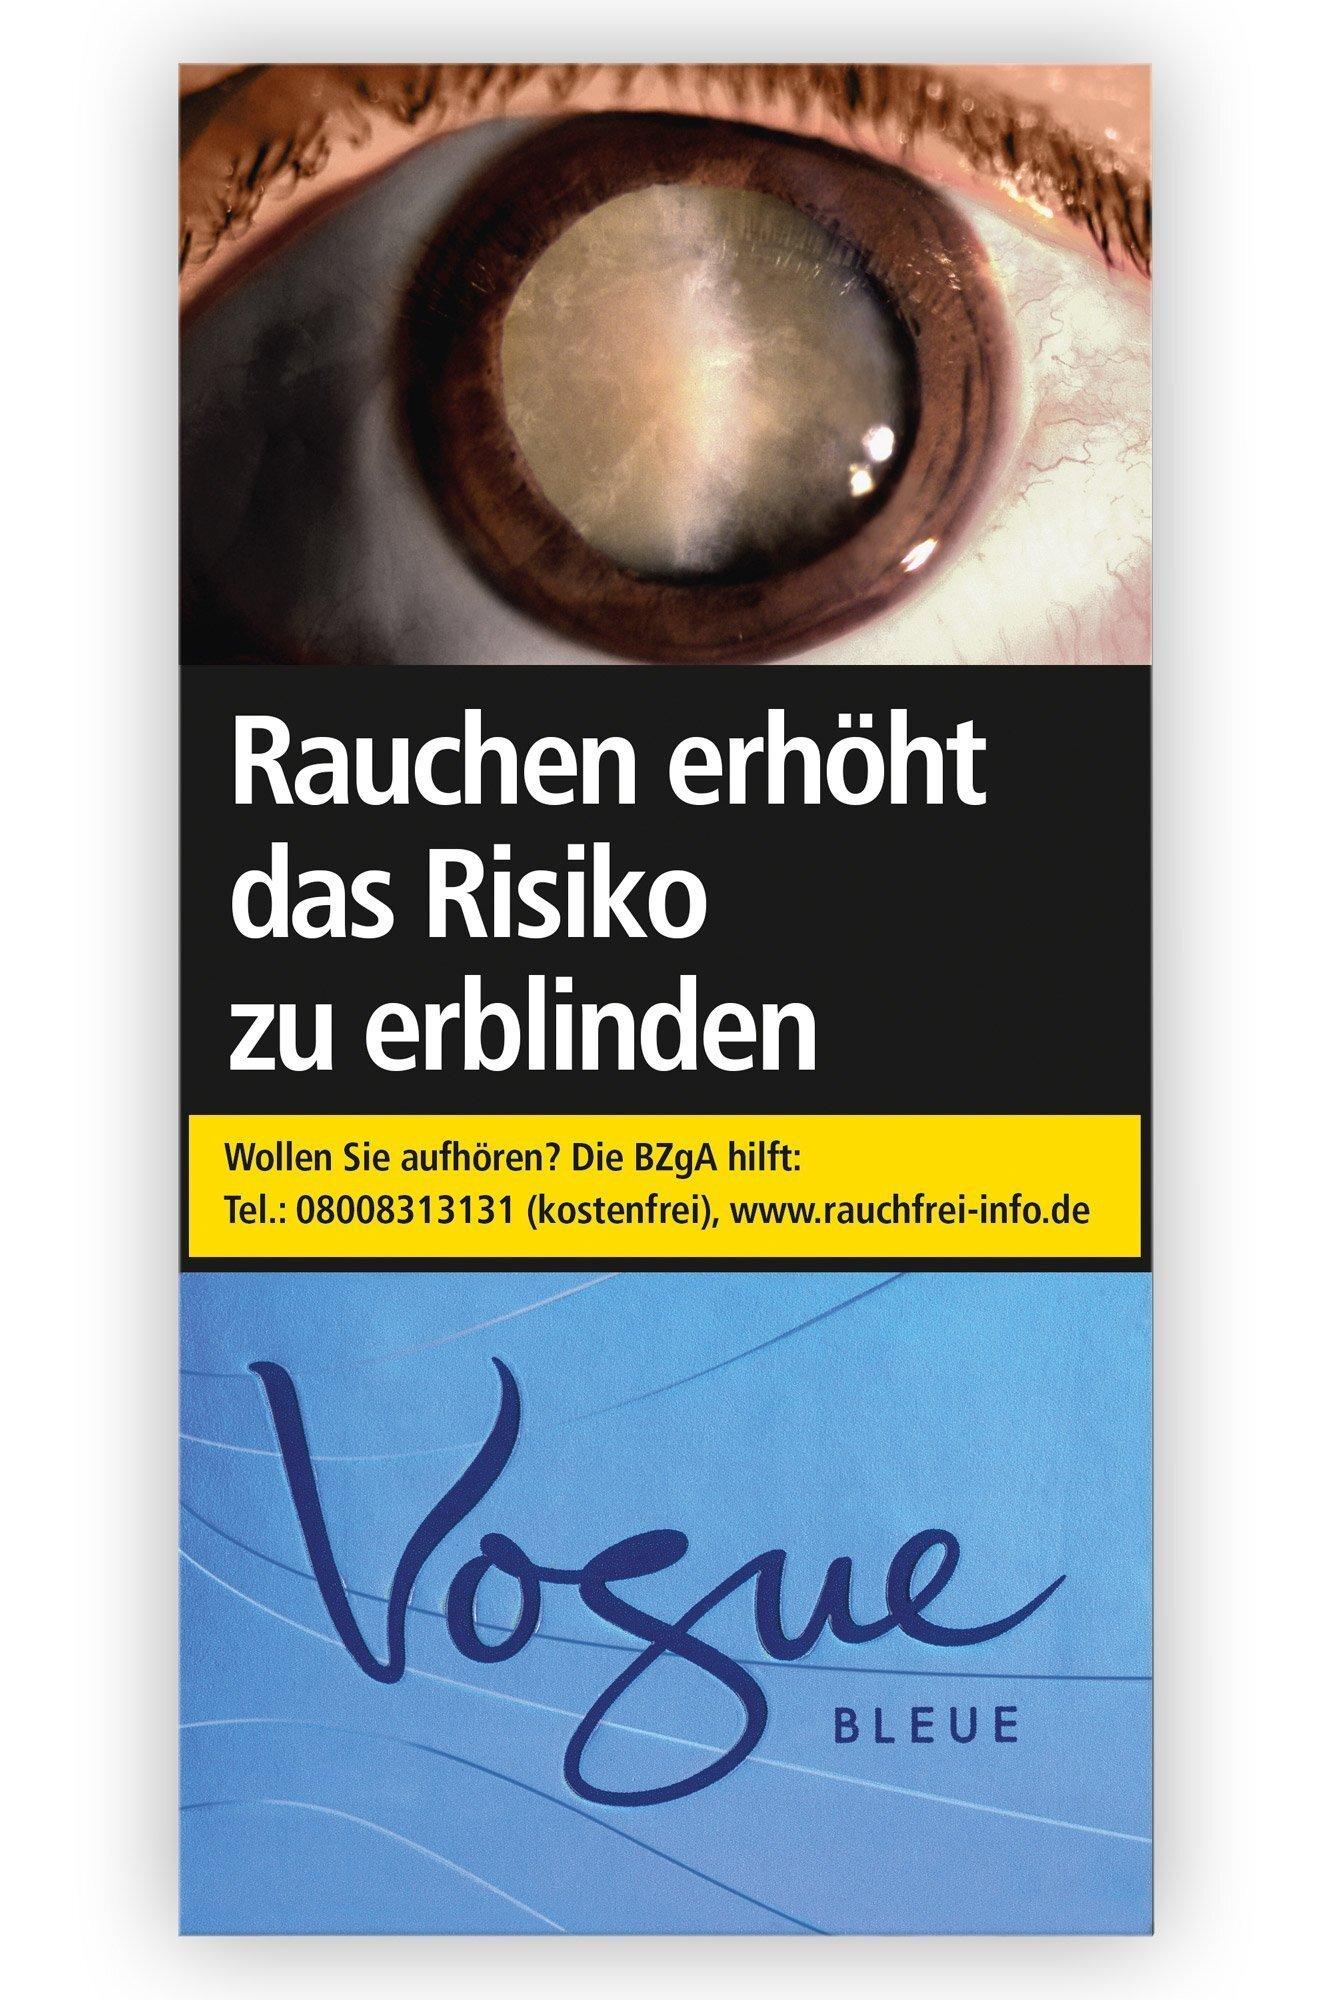 Vogue Bleue Slim Zigaretten 20 Stück